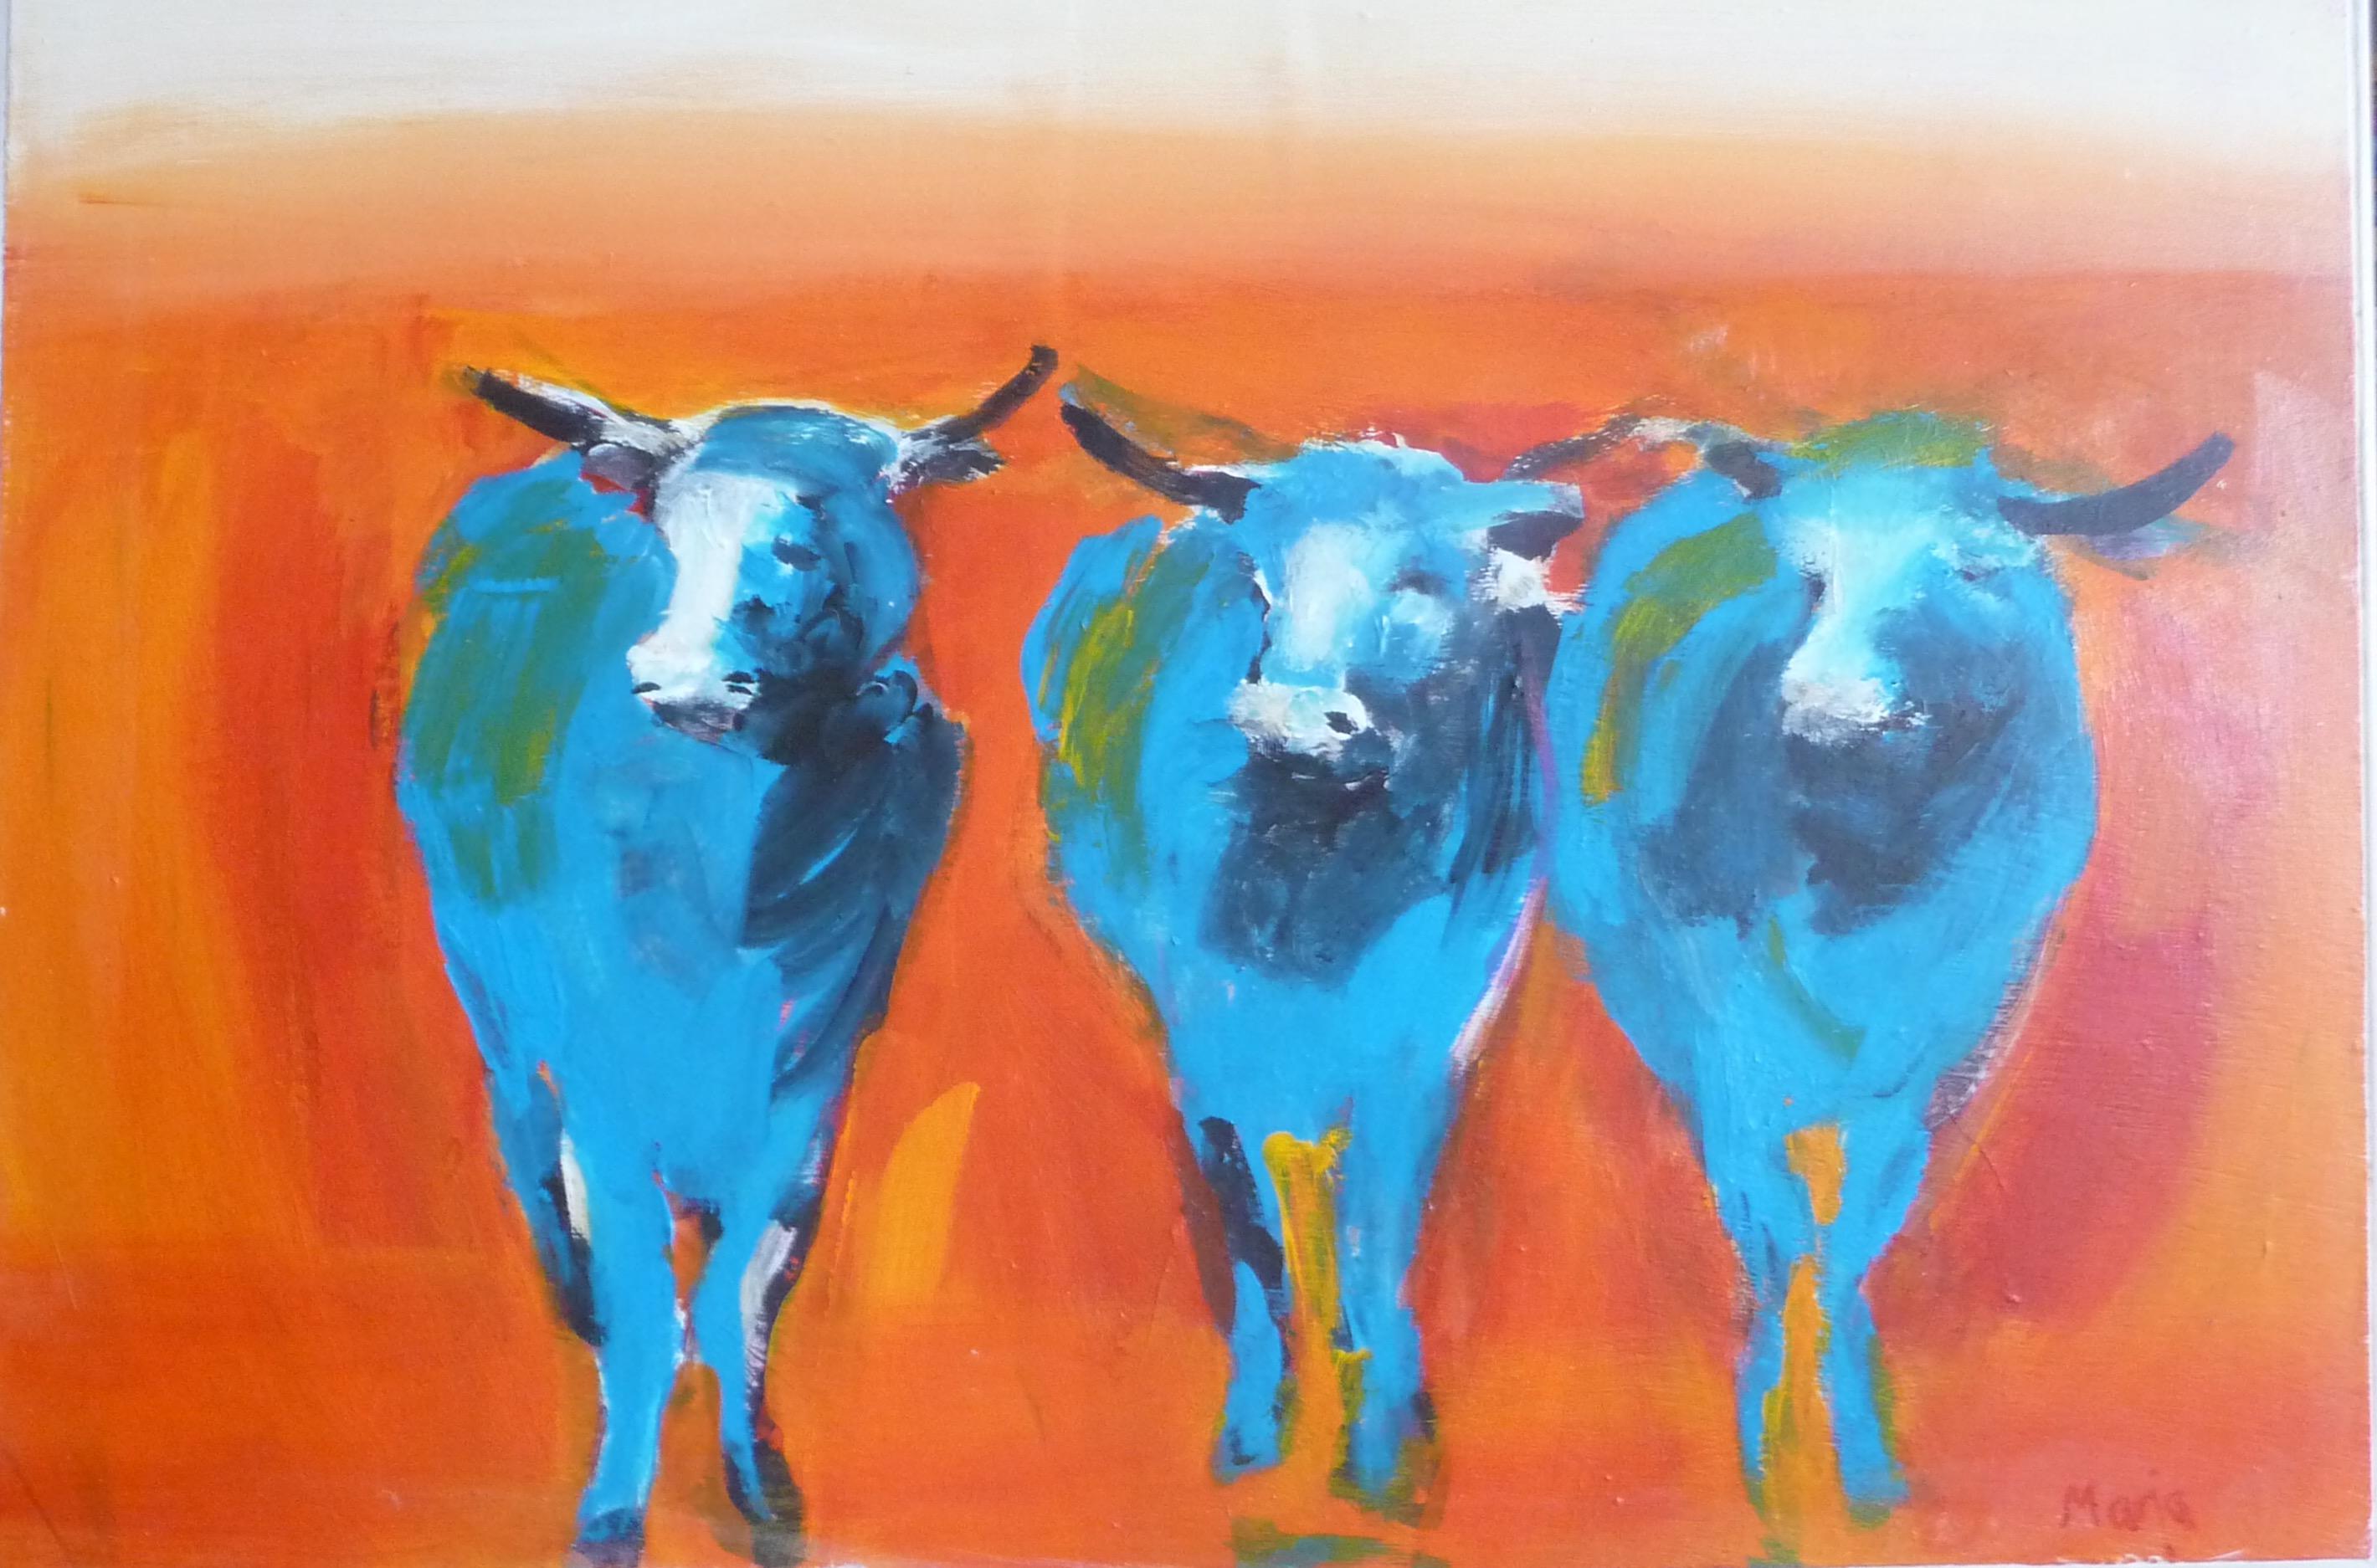 Schilderij ossen painting oxes. Colourful. Expressionist buddhist zen boeddhistisch expressionistisch